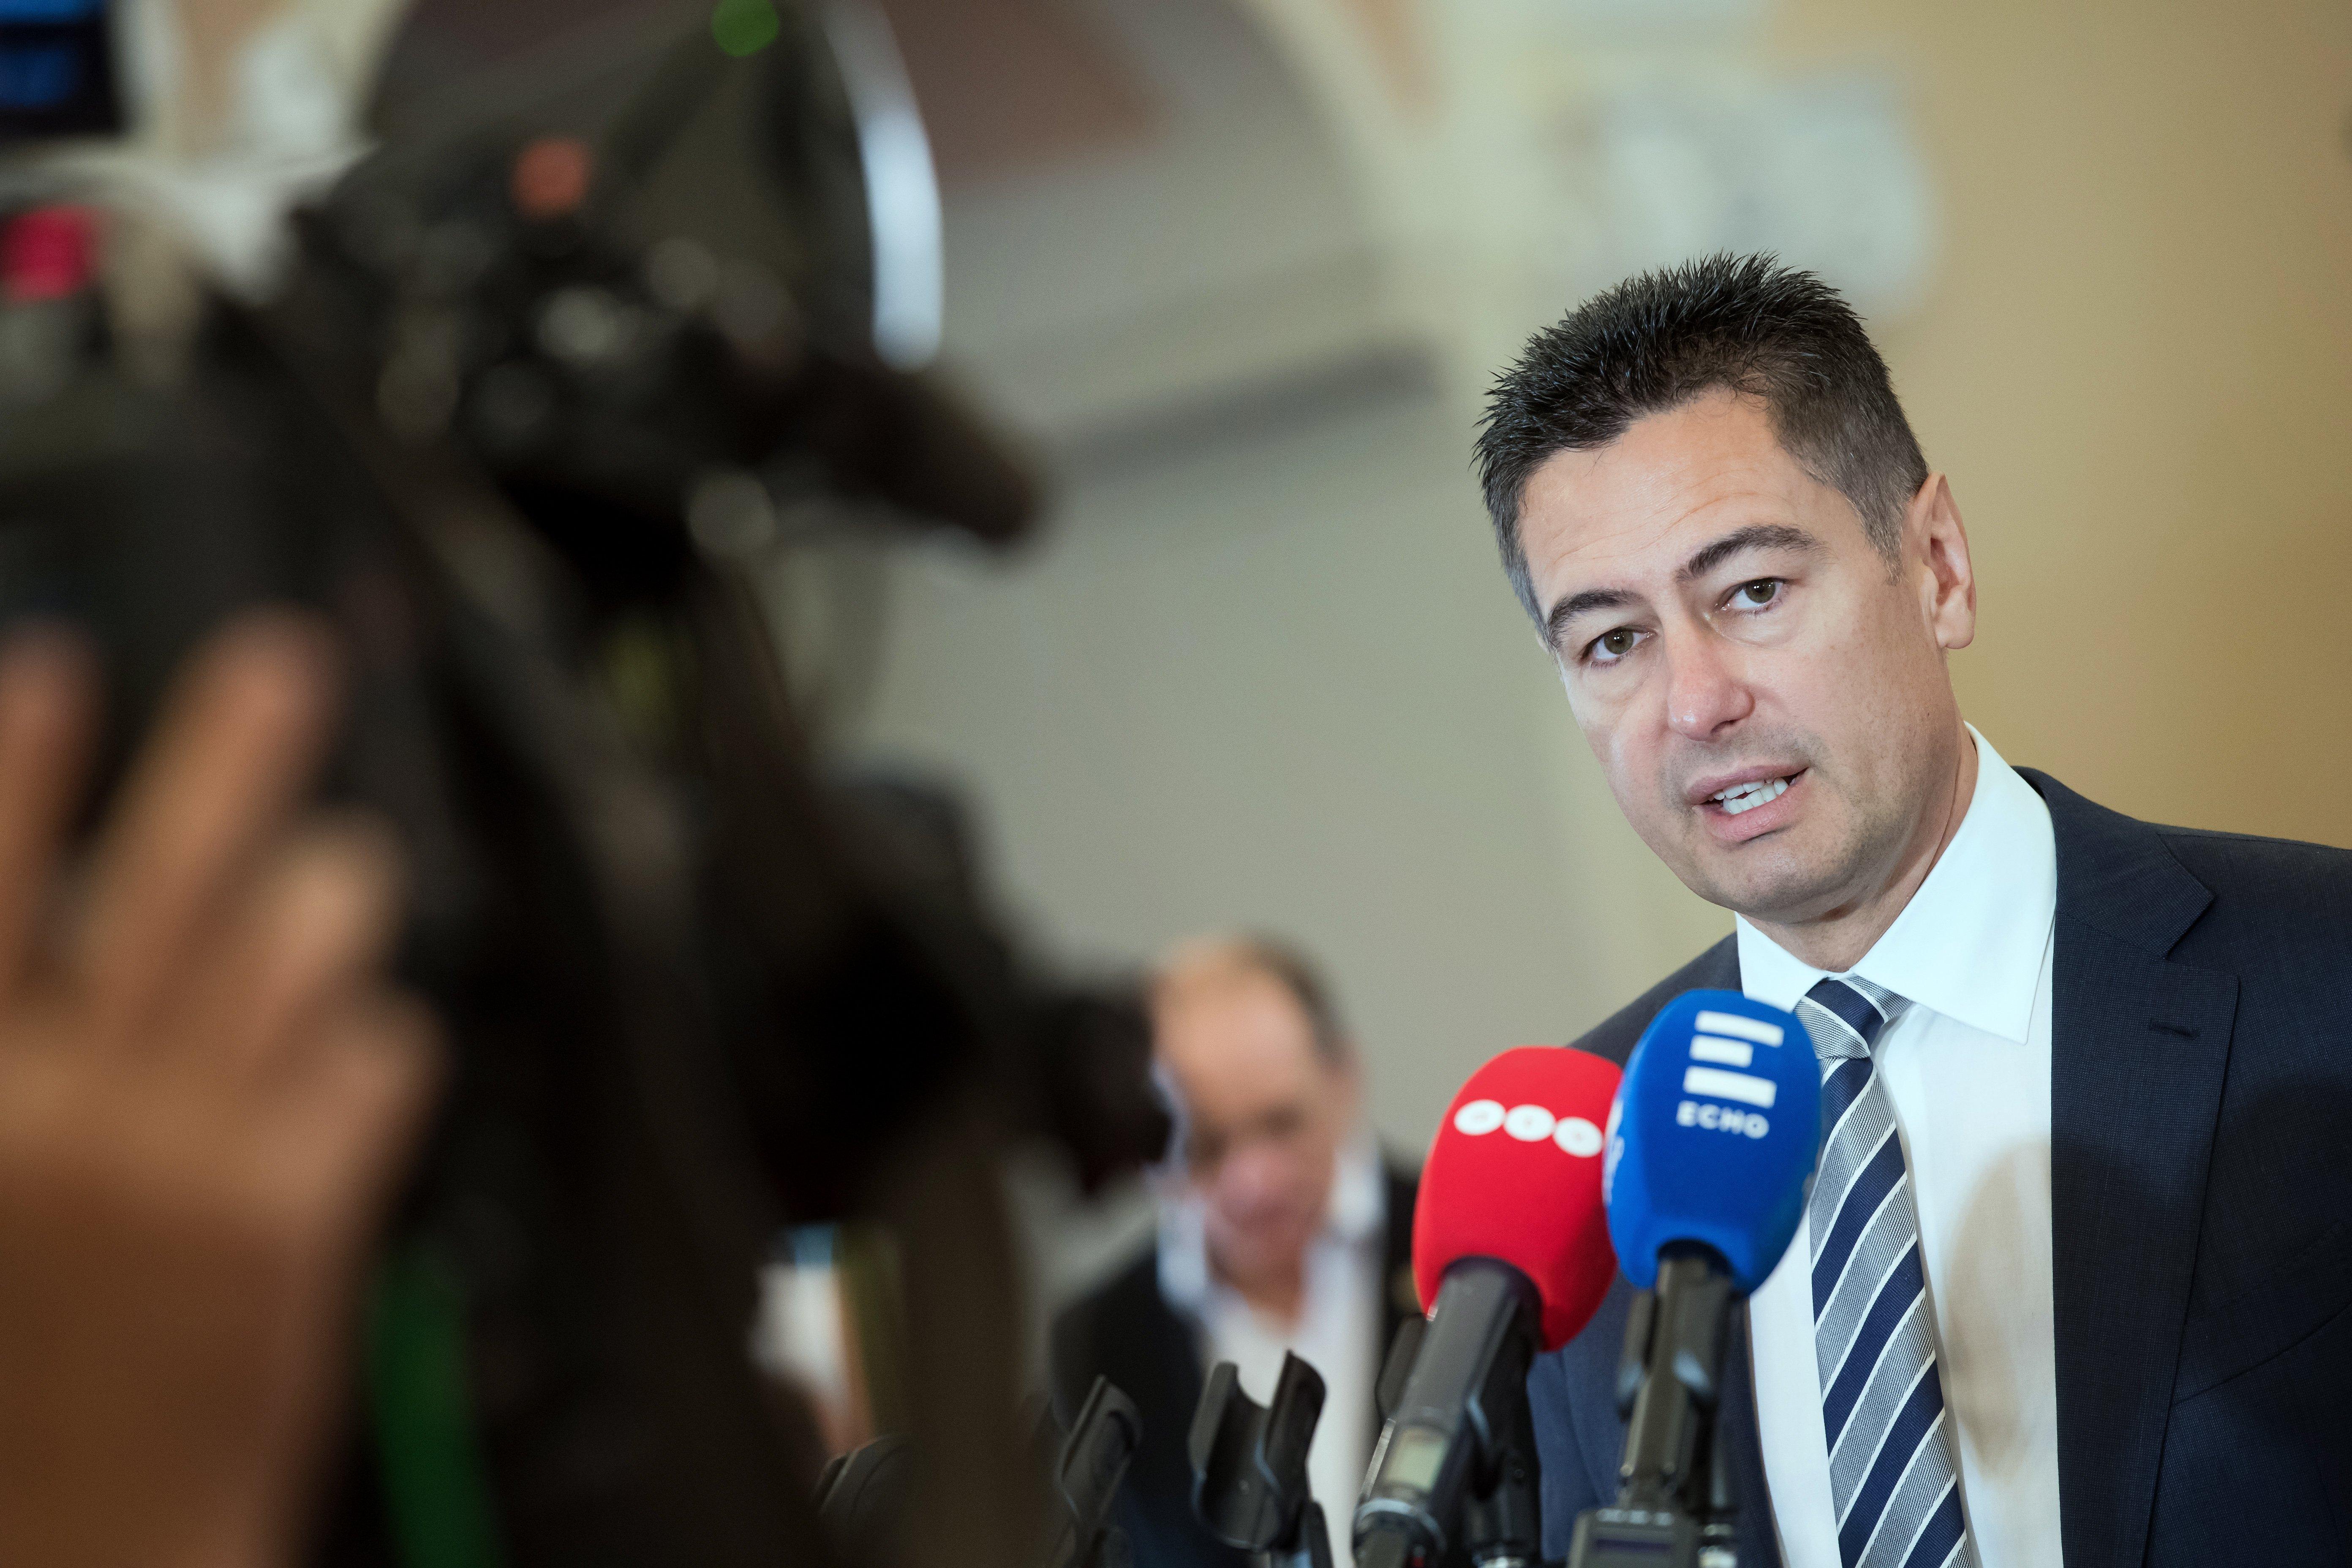 """Horváth Csaba a """"közbizalom helyreállítása érdekében"""" visszavonja a módosítást, ami átláthatatlanabbá tehette volna Zuglót"""